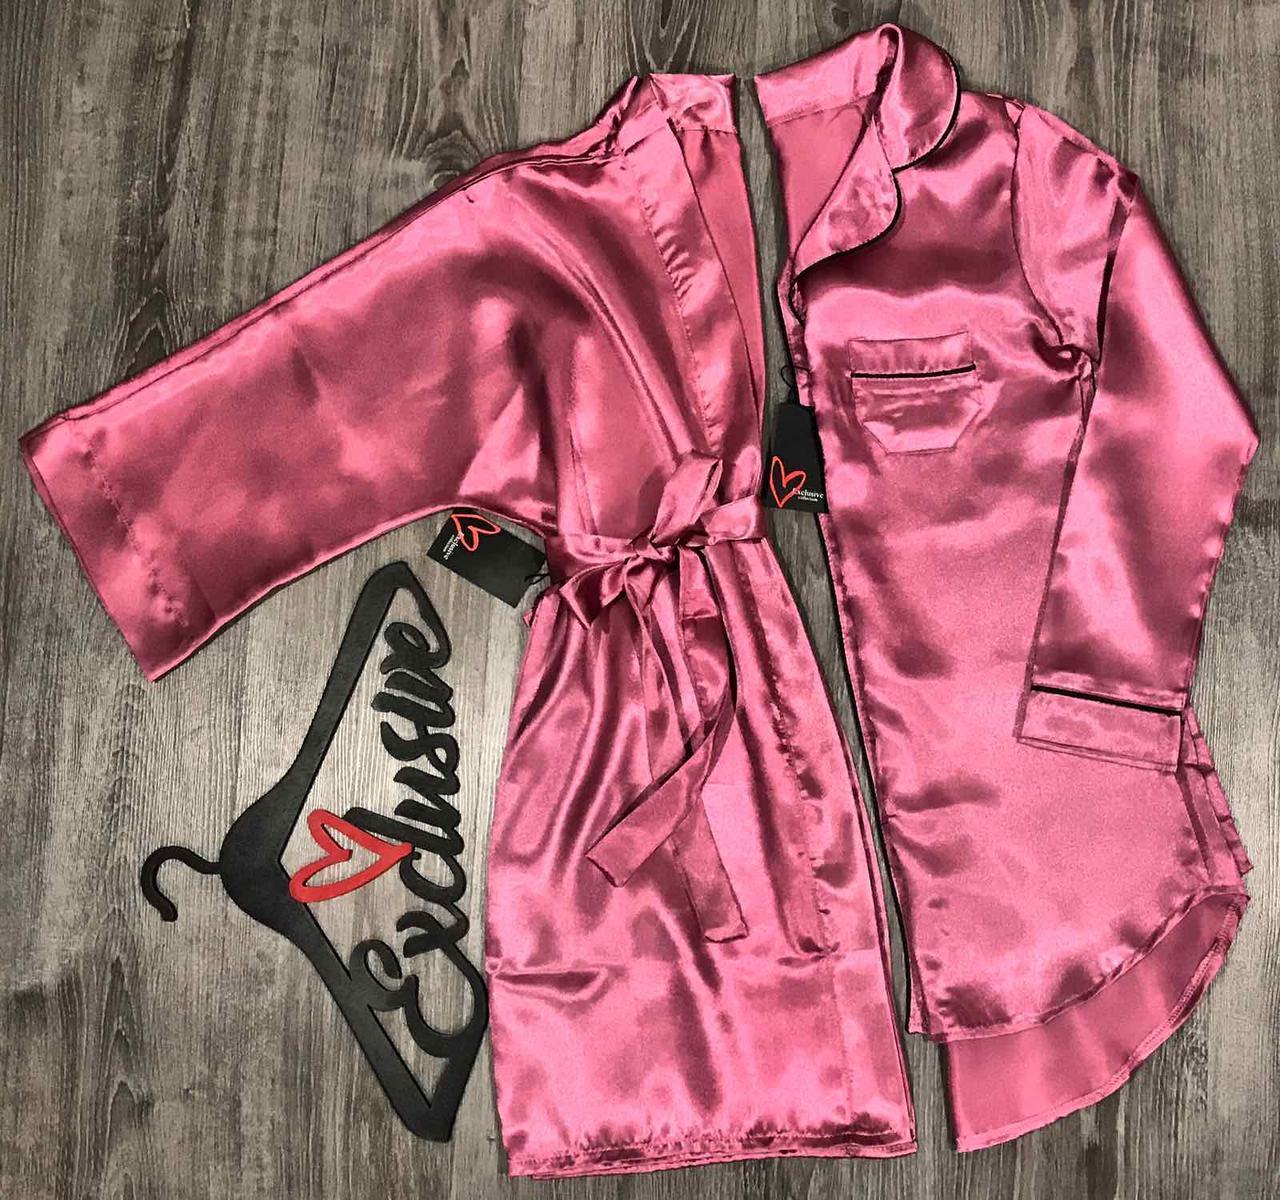 Женская домашняя одежда, атласный комплект халат и рубашка ТМ Exclusive.